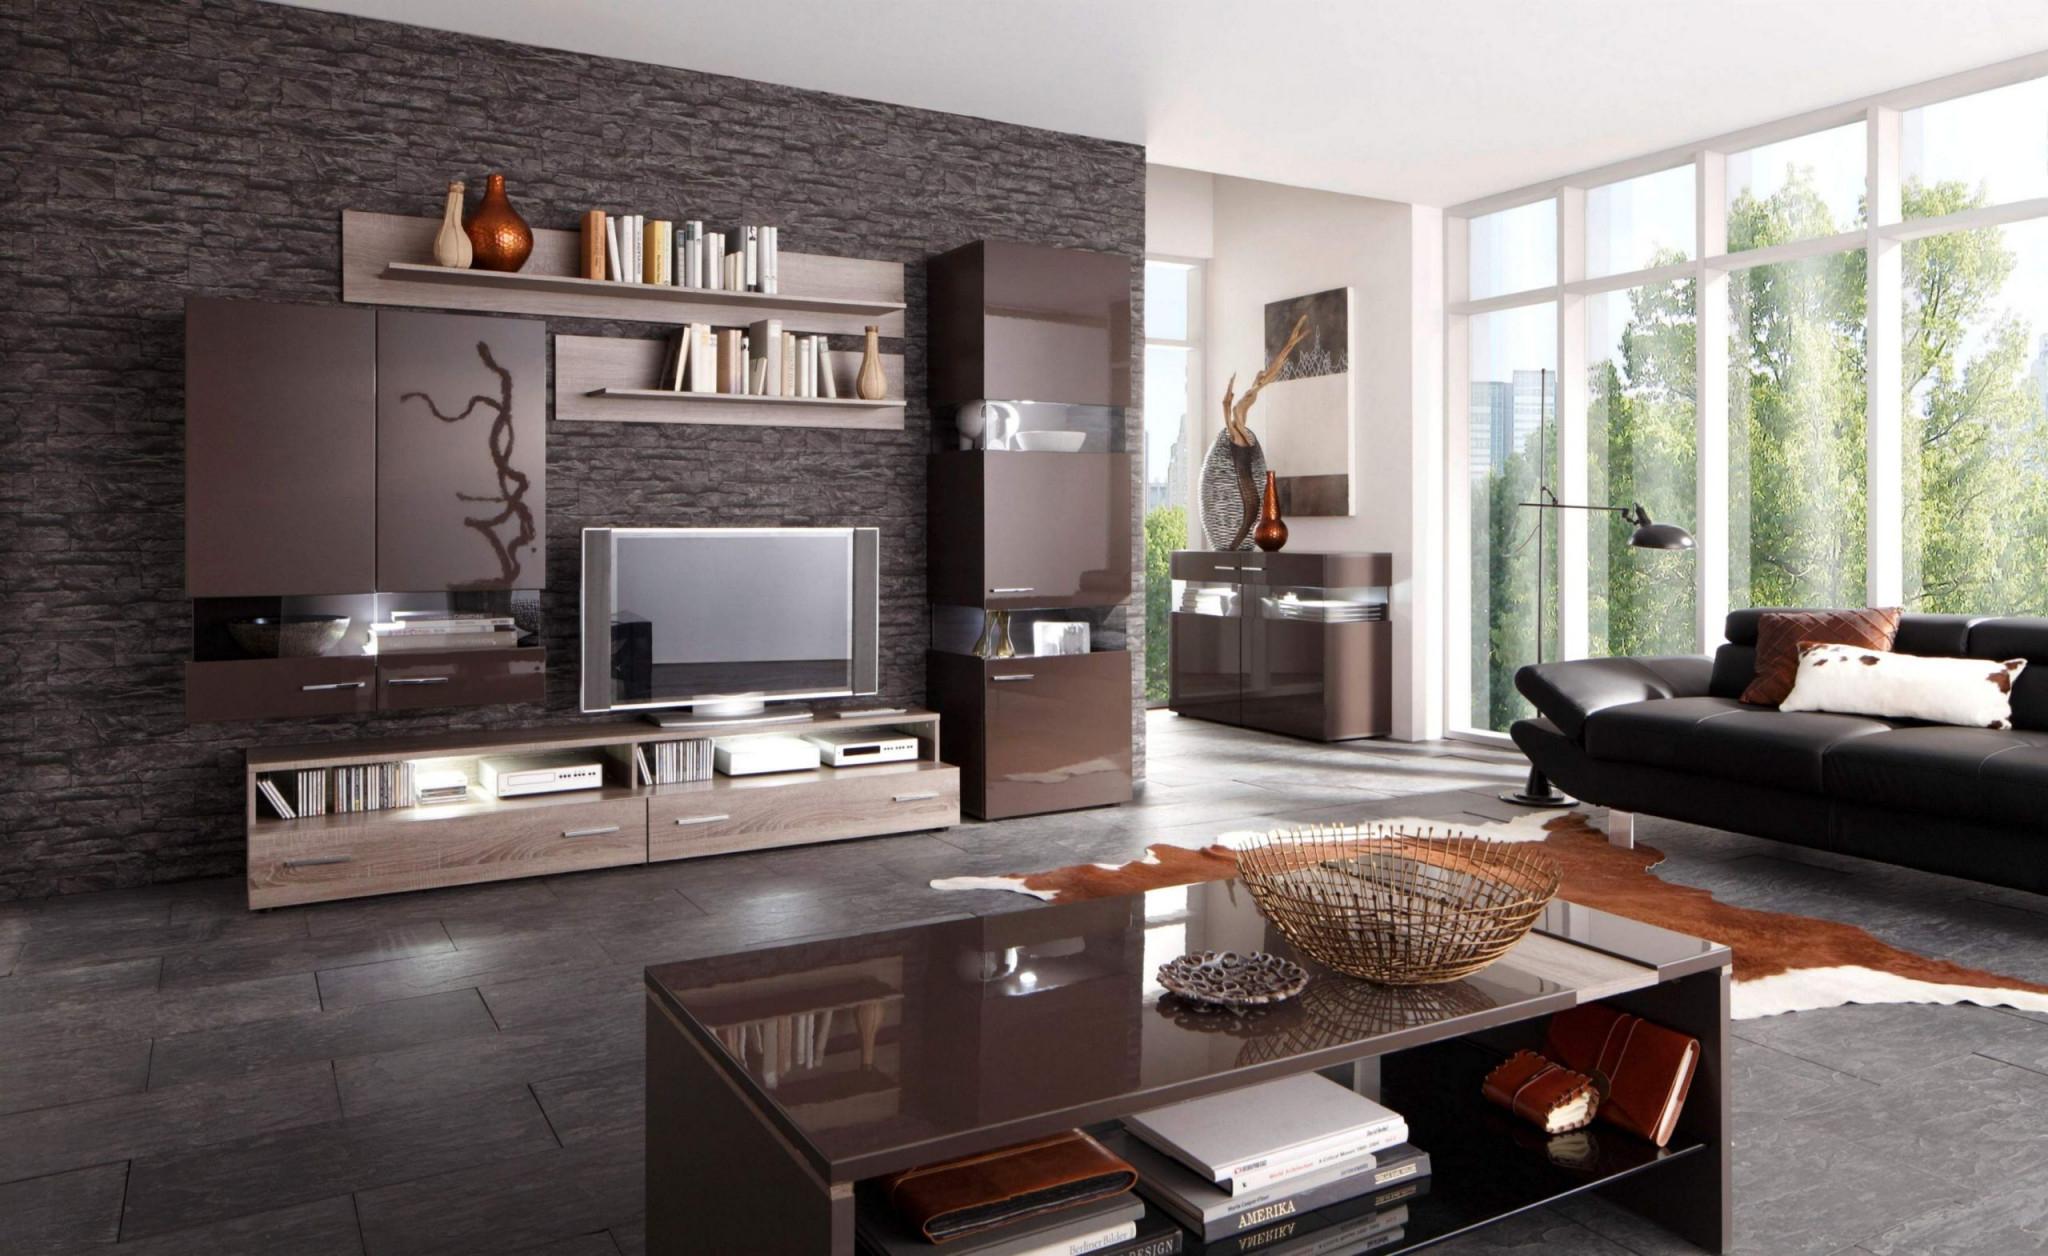 Schöne Wandbilder Wohnzimmer Inspirierend Wohnzimmer Modern von Schöne Bilder Wohnzimmer Bild